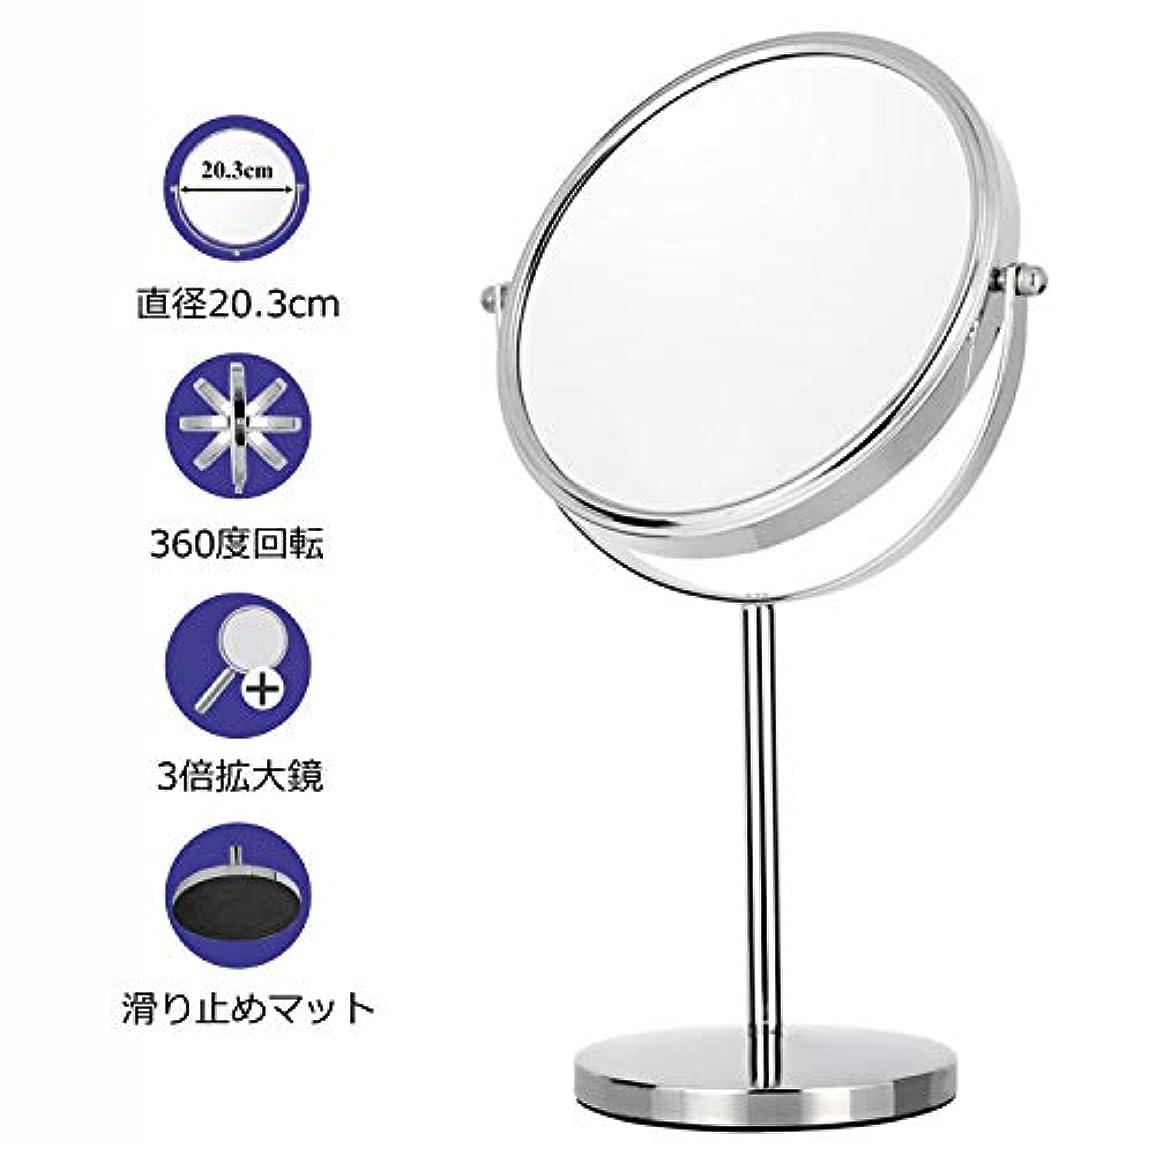 一貫した怒って広がり鏡 卓上 拡大鏡付き 3倍卓上鏡 真実の両面鏡 浴室鏡 ミラー 360度回転 スタンドミラー クロム 鏡 (鏡面23.2cm)